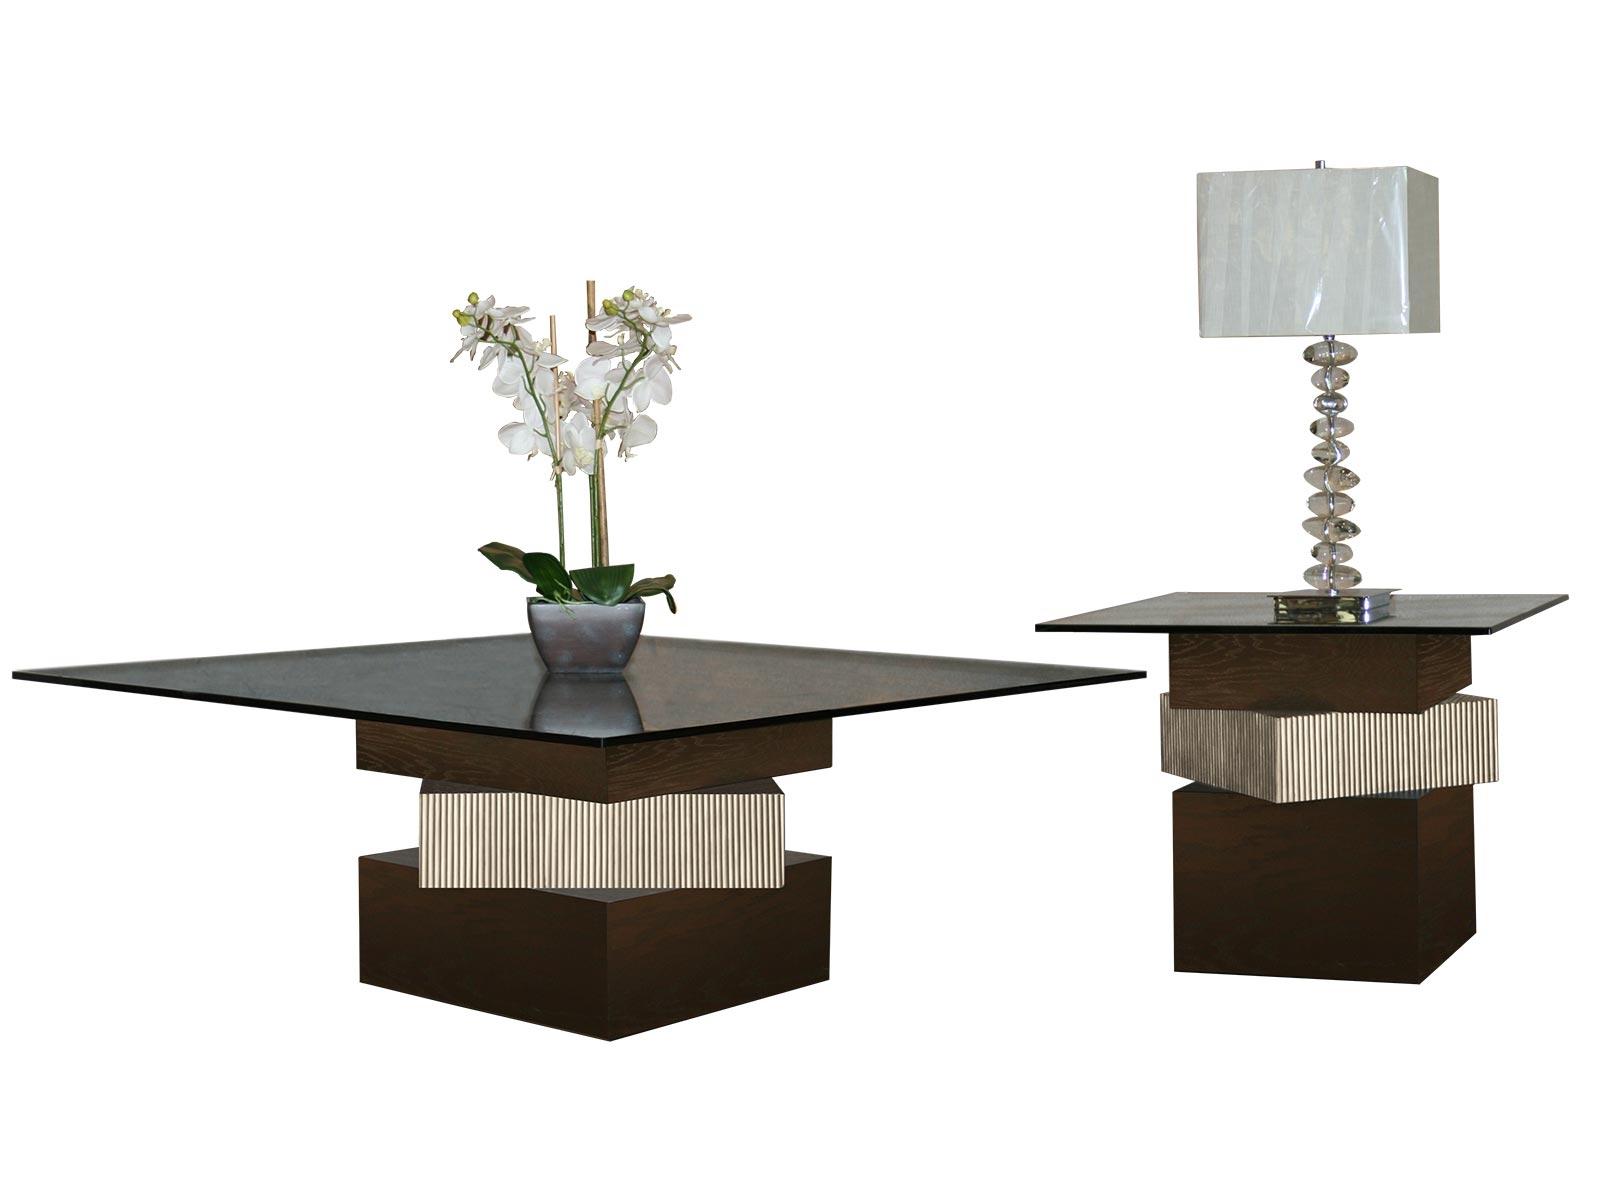 Mesa de sala cubos centro y lateral para cristal cuadrado - Mesa de centro sala ...